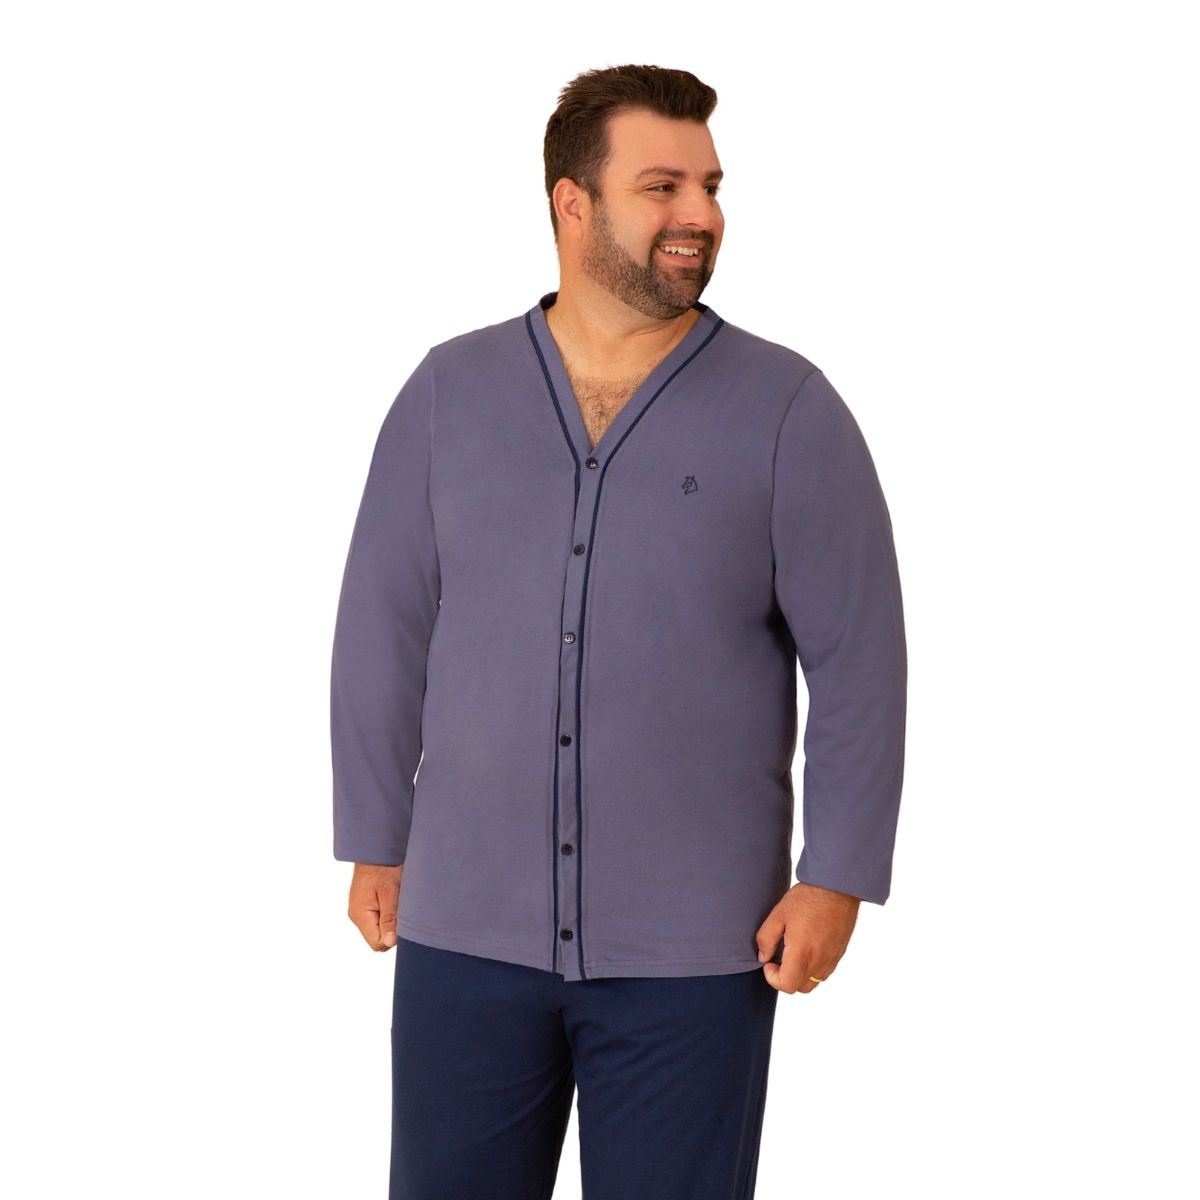 Pijama masculino inverno plus size botão algodão pós cirúrgico